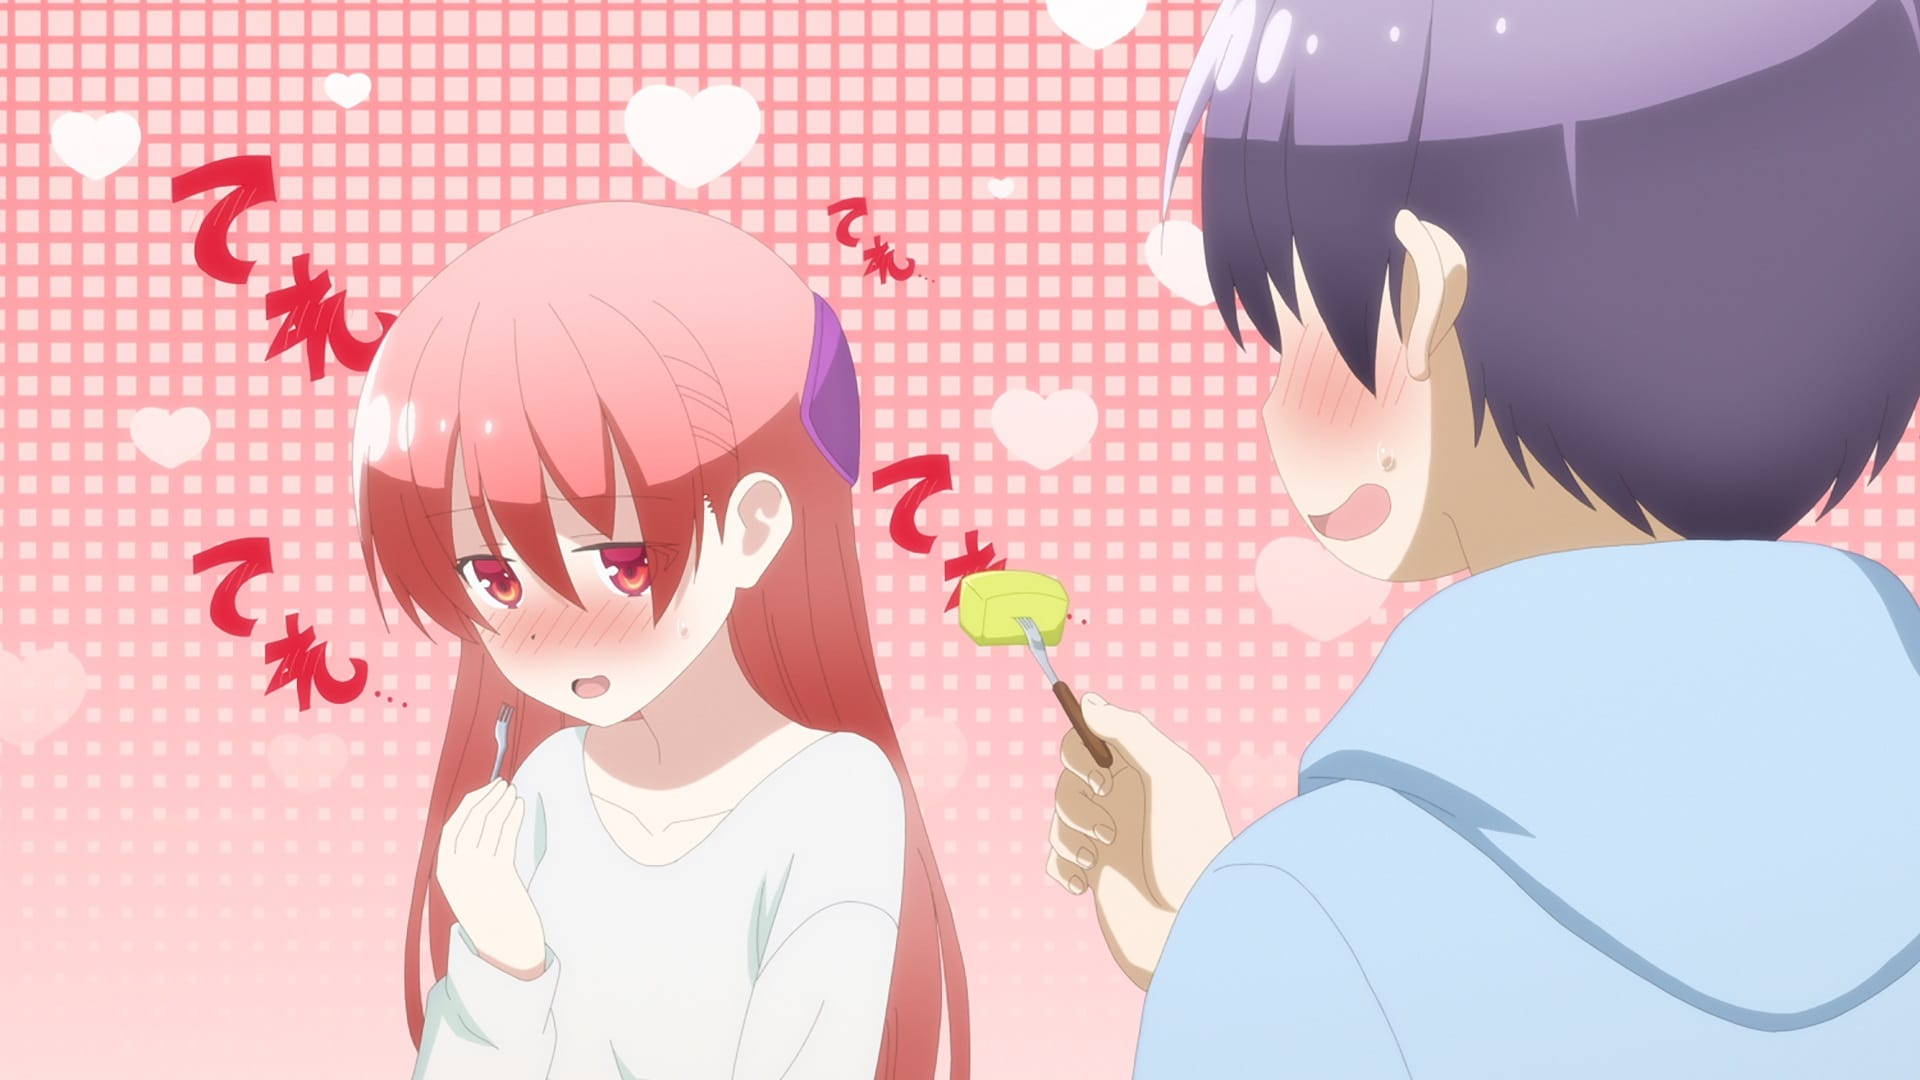 Sinopsis Tonikaku Kawaii Episode 10